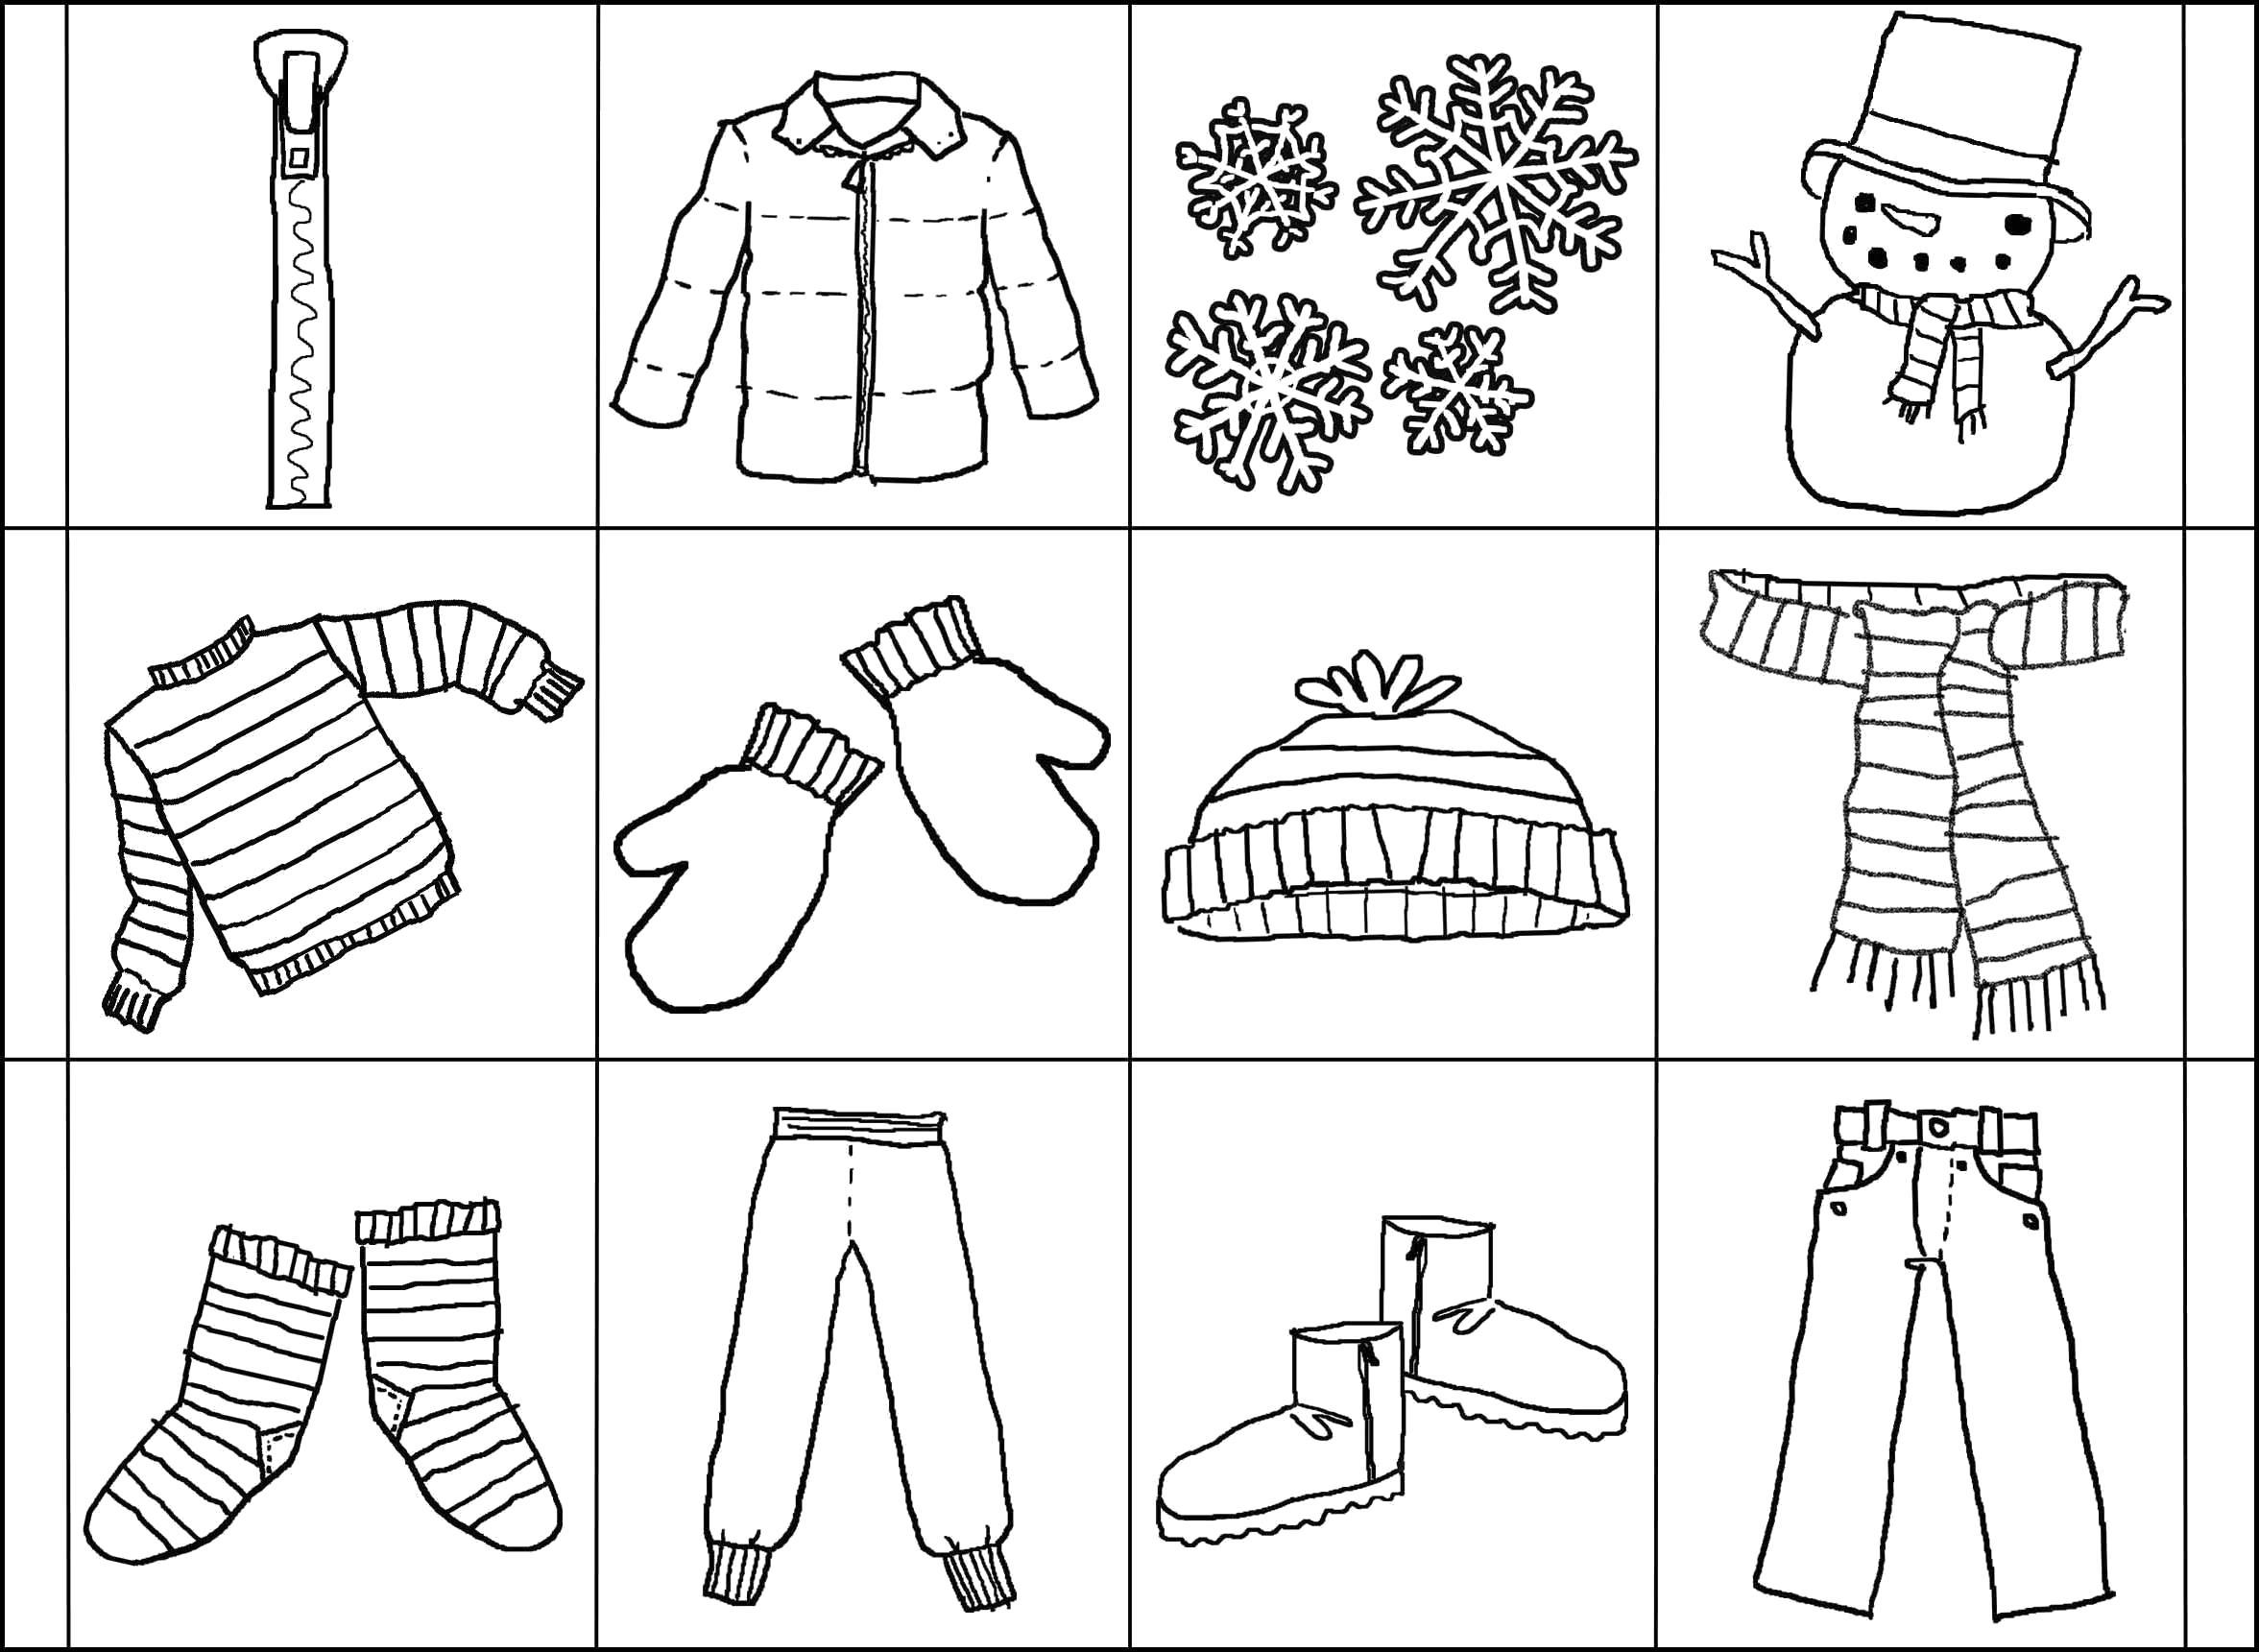 Раскраска  зимняя одежда на карточках. Скачать Зимняя одежда.  Распечатать Зимняя одежда